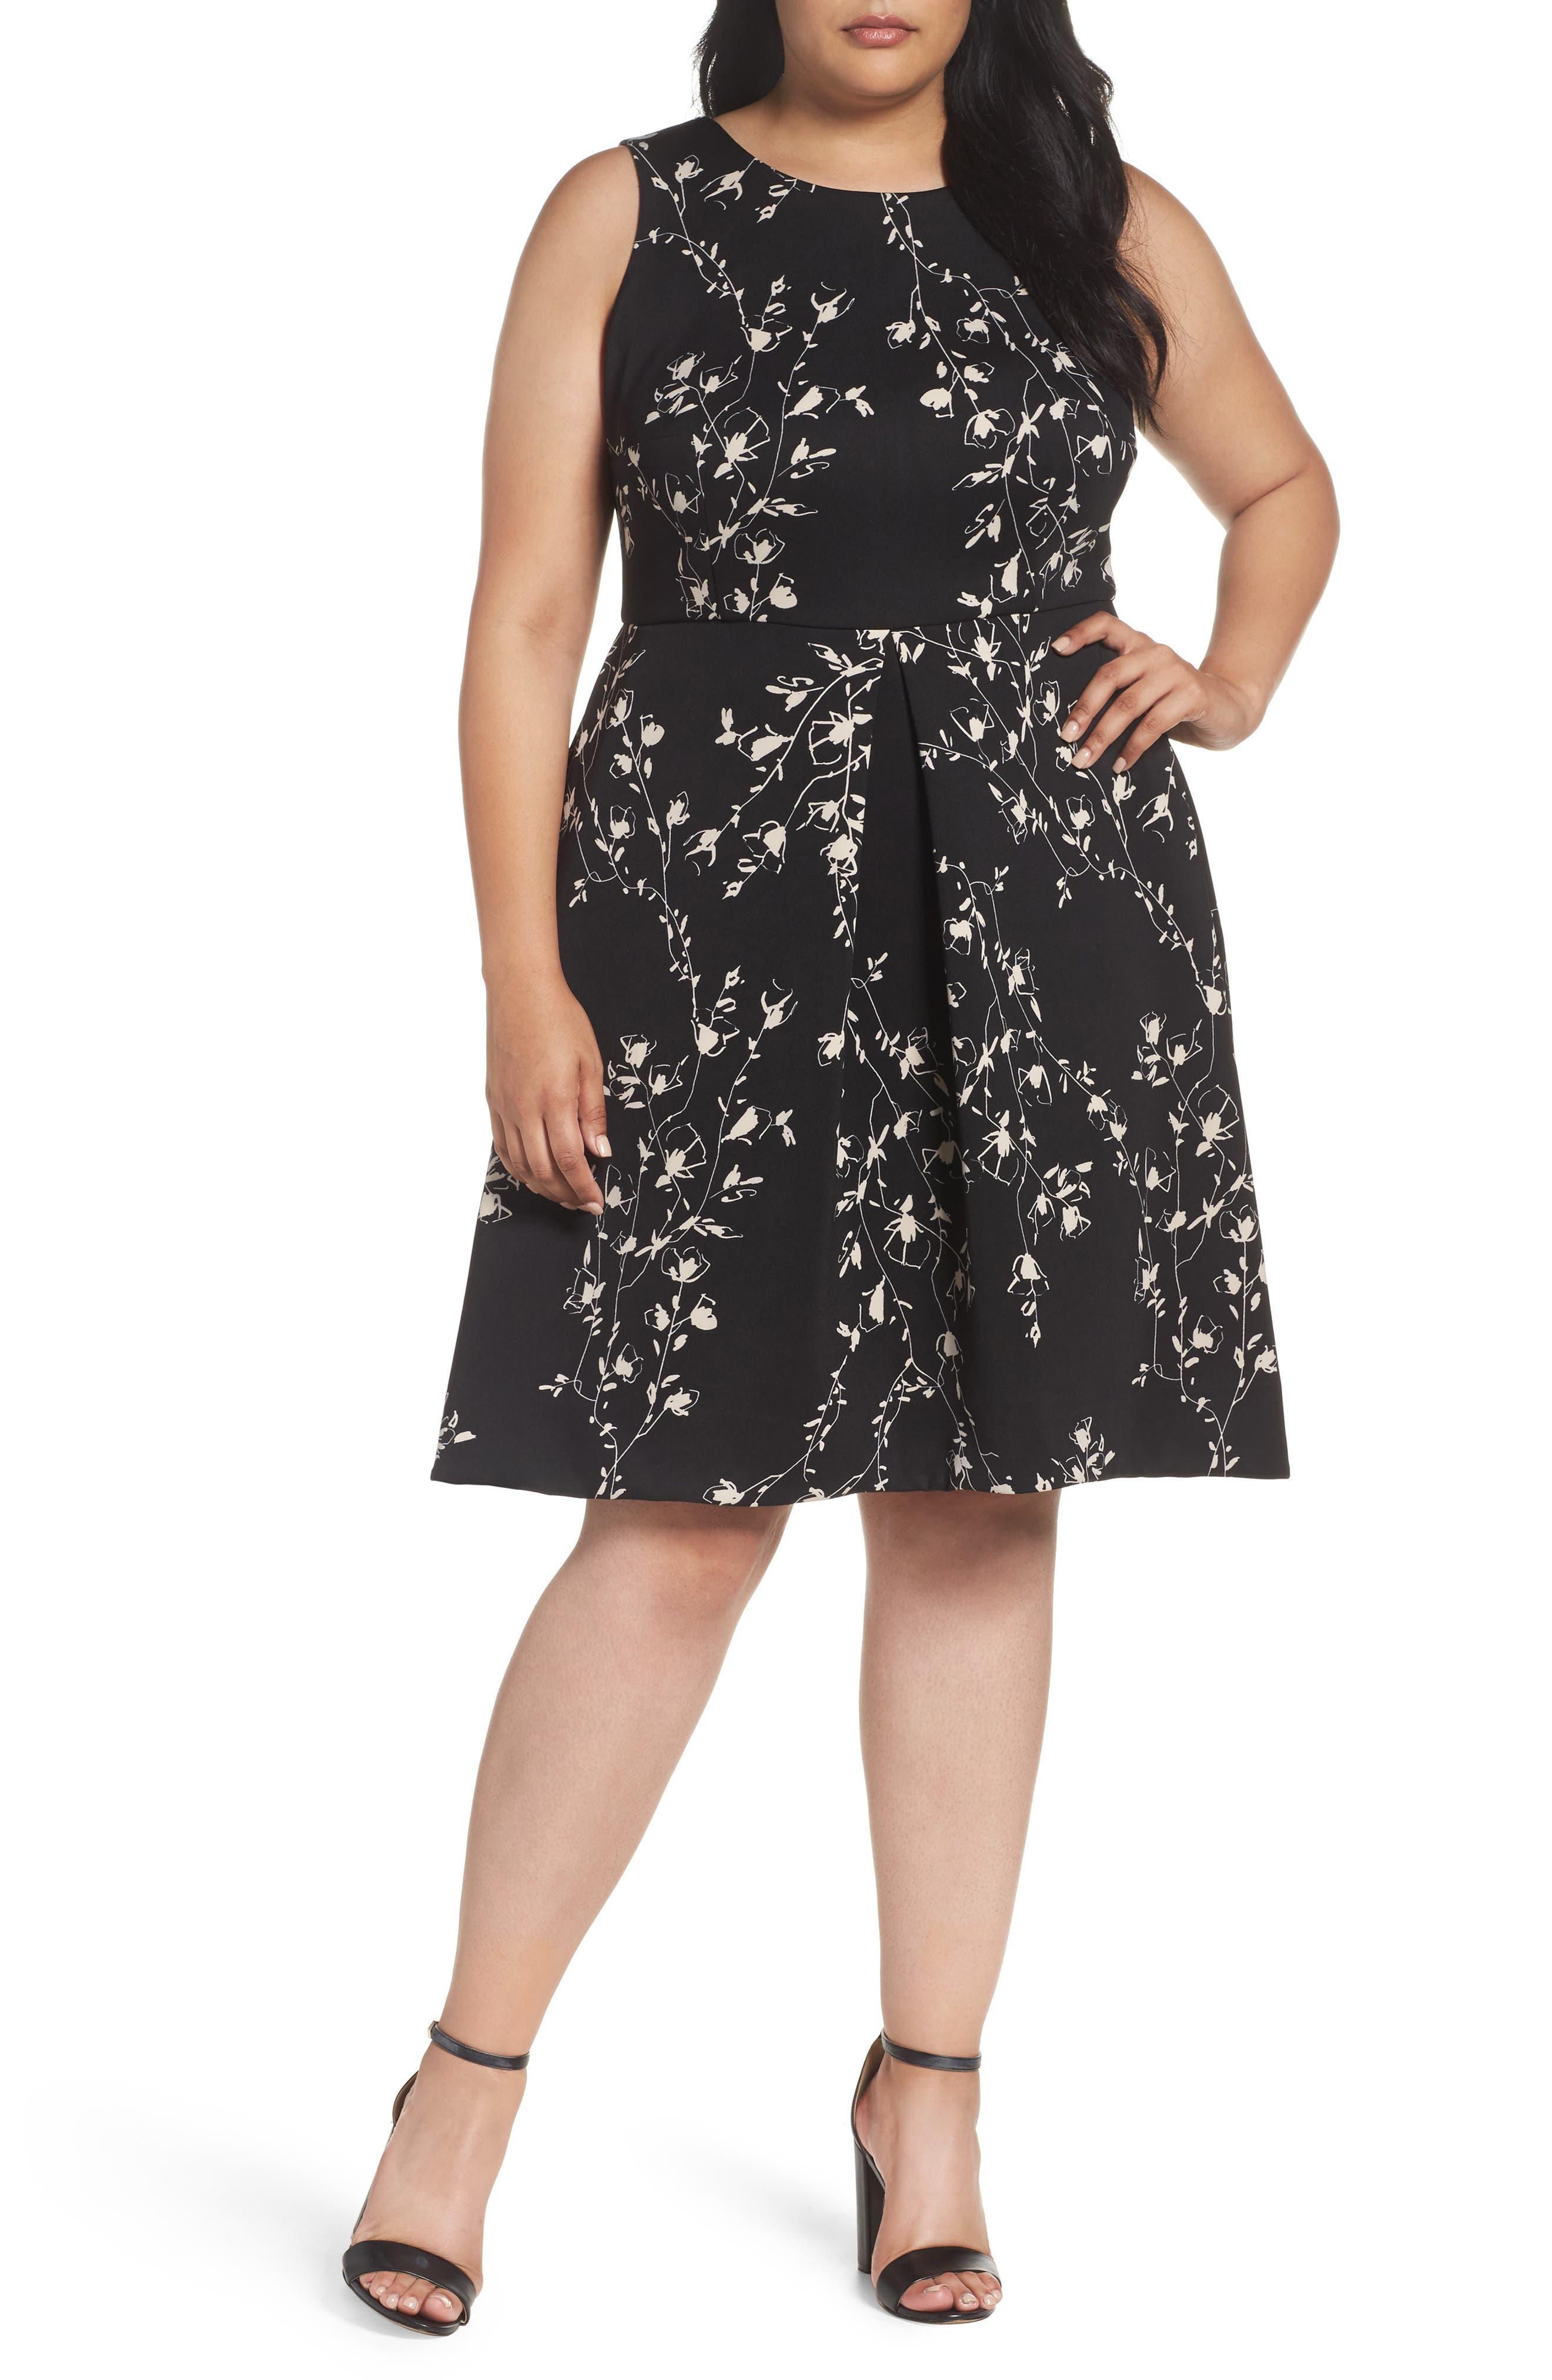 Etched Floral Scuba Knit Fit & Flare Dress,                             Main thumbnail 1, color,                             001